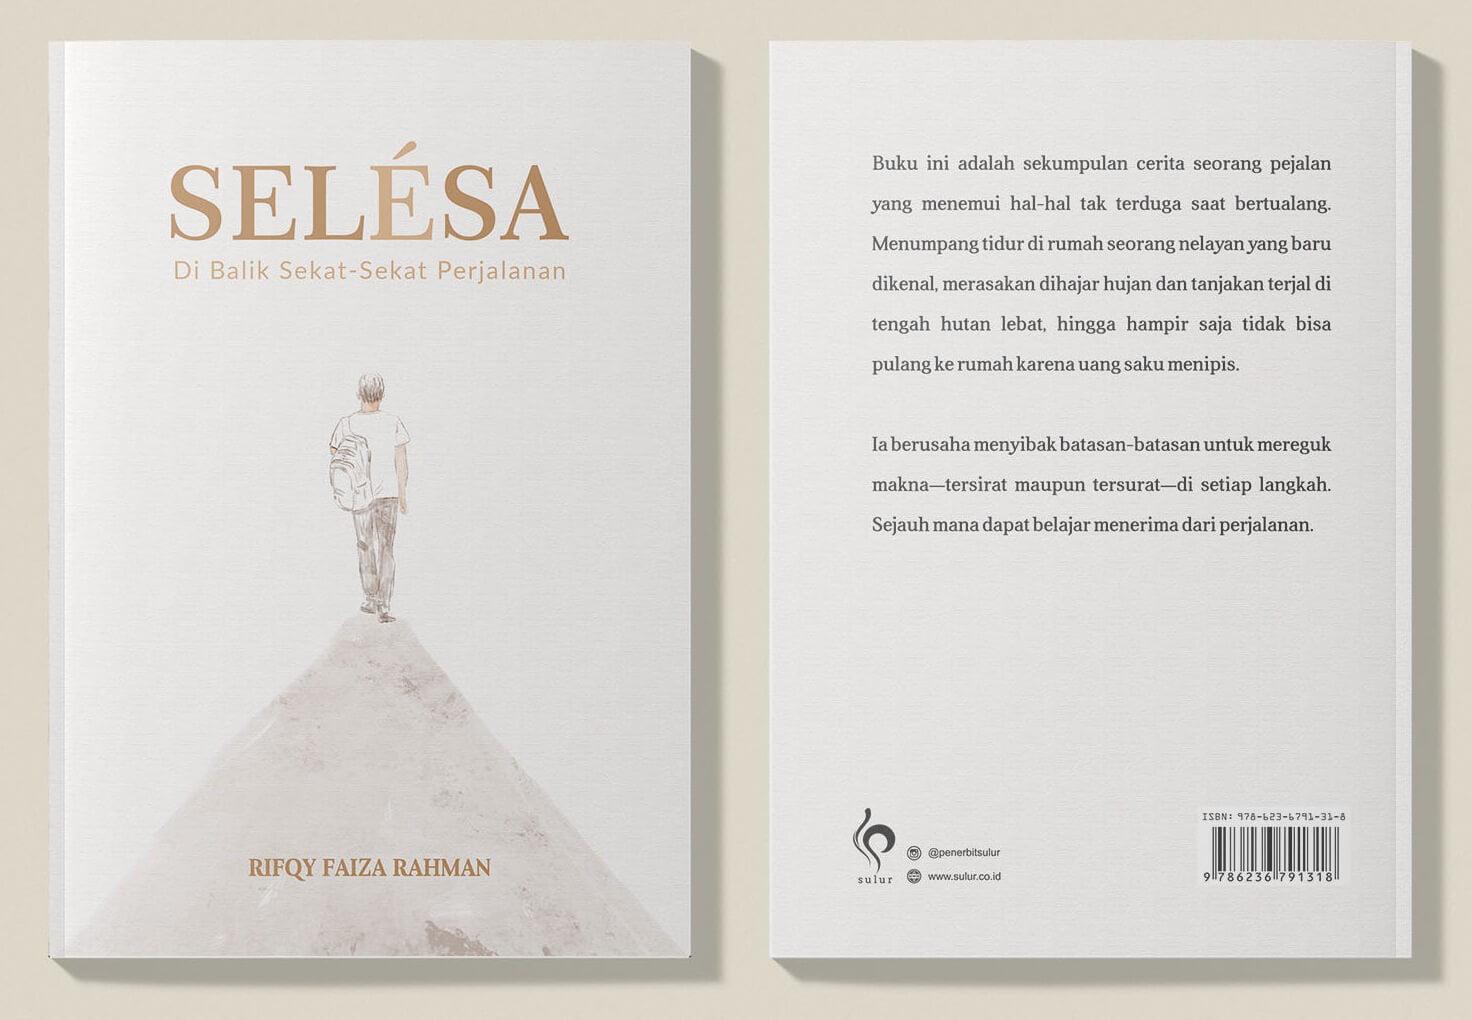 Q&A: Proses Pembuatan Buku SELÉSA, Di Balik Sekat-Sekat Perjalanan